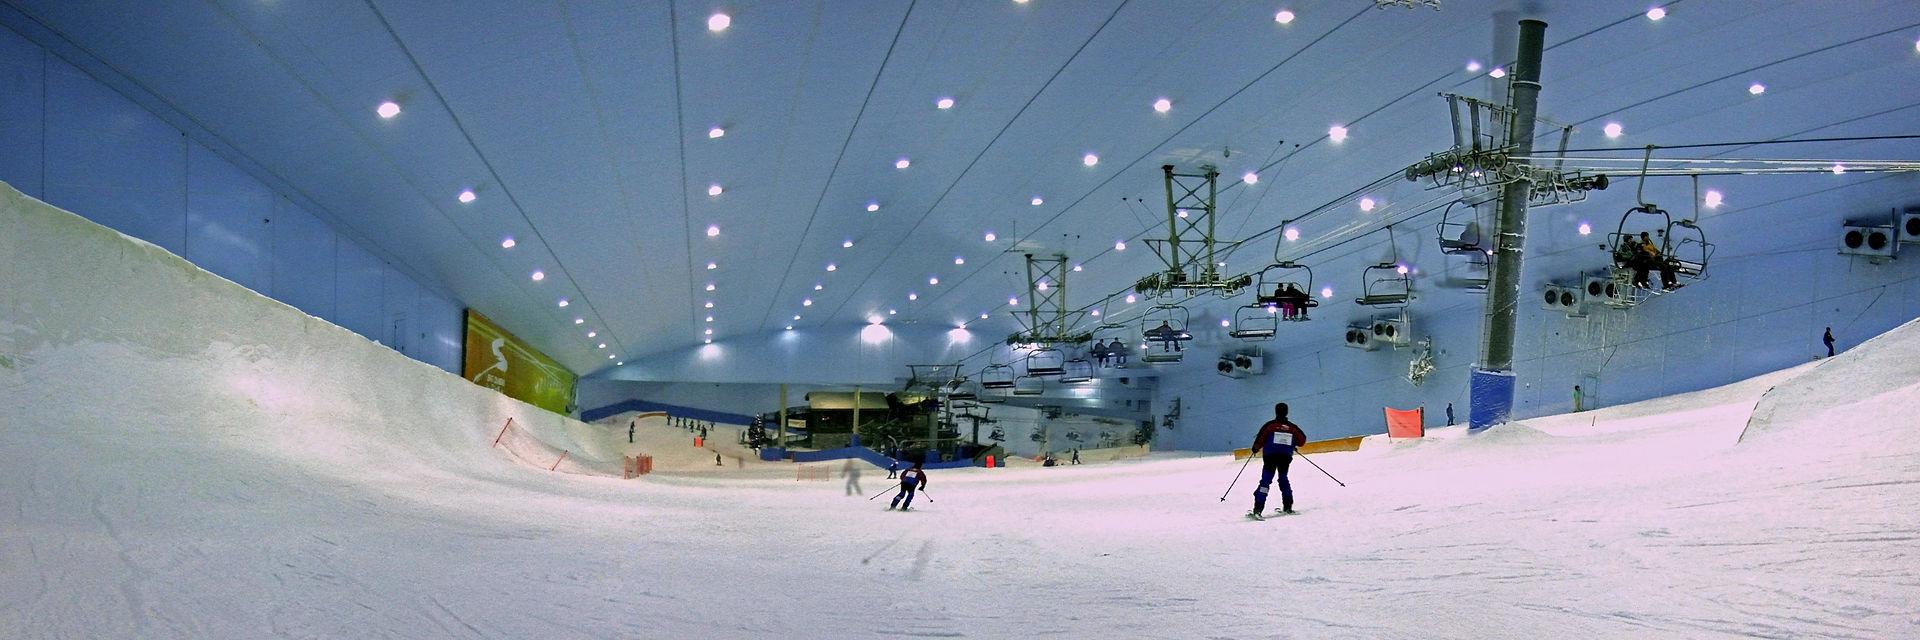 sciare a dubai bambini